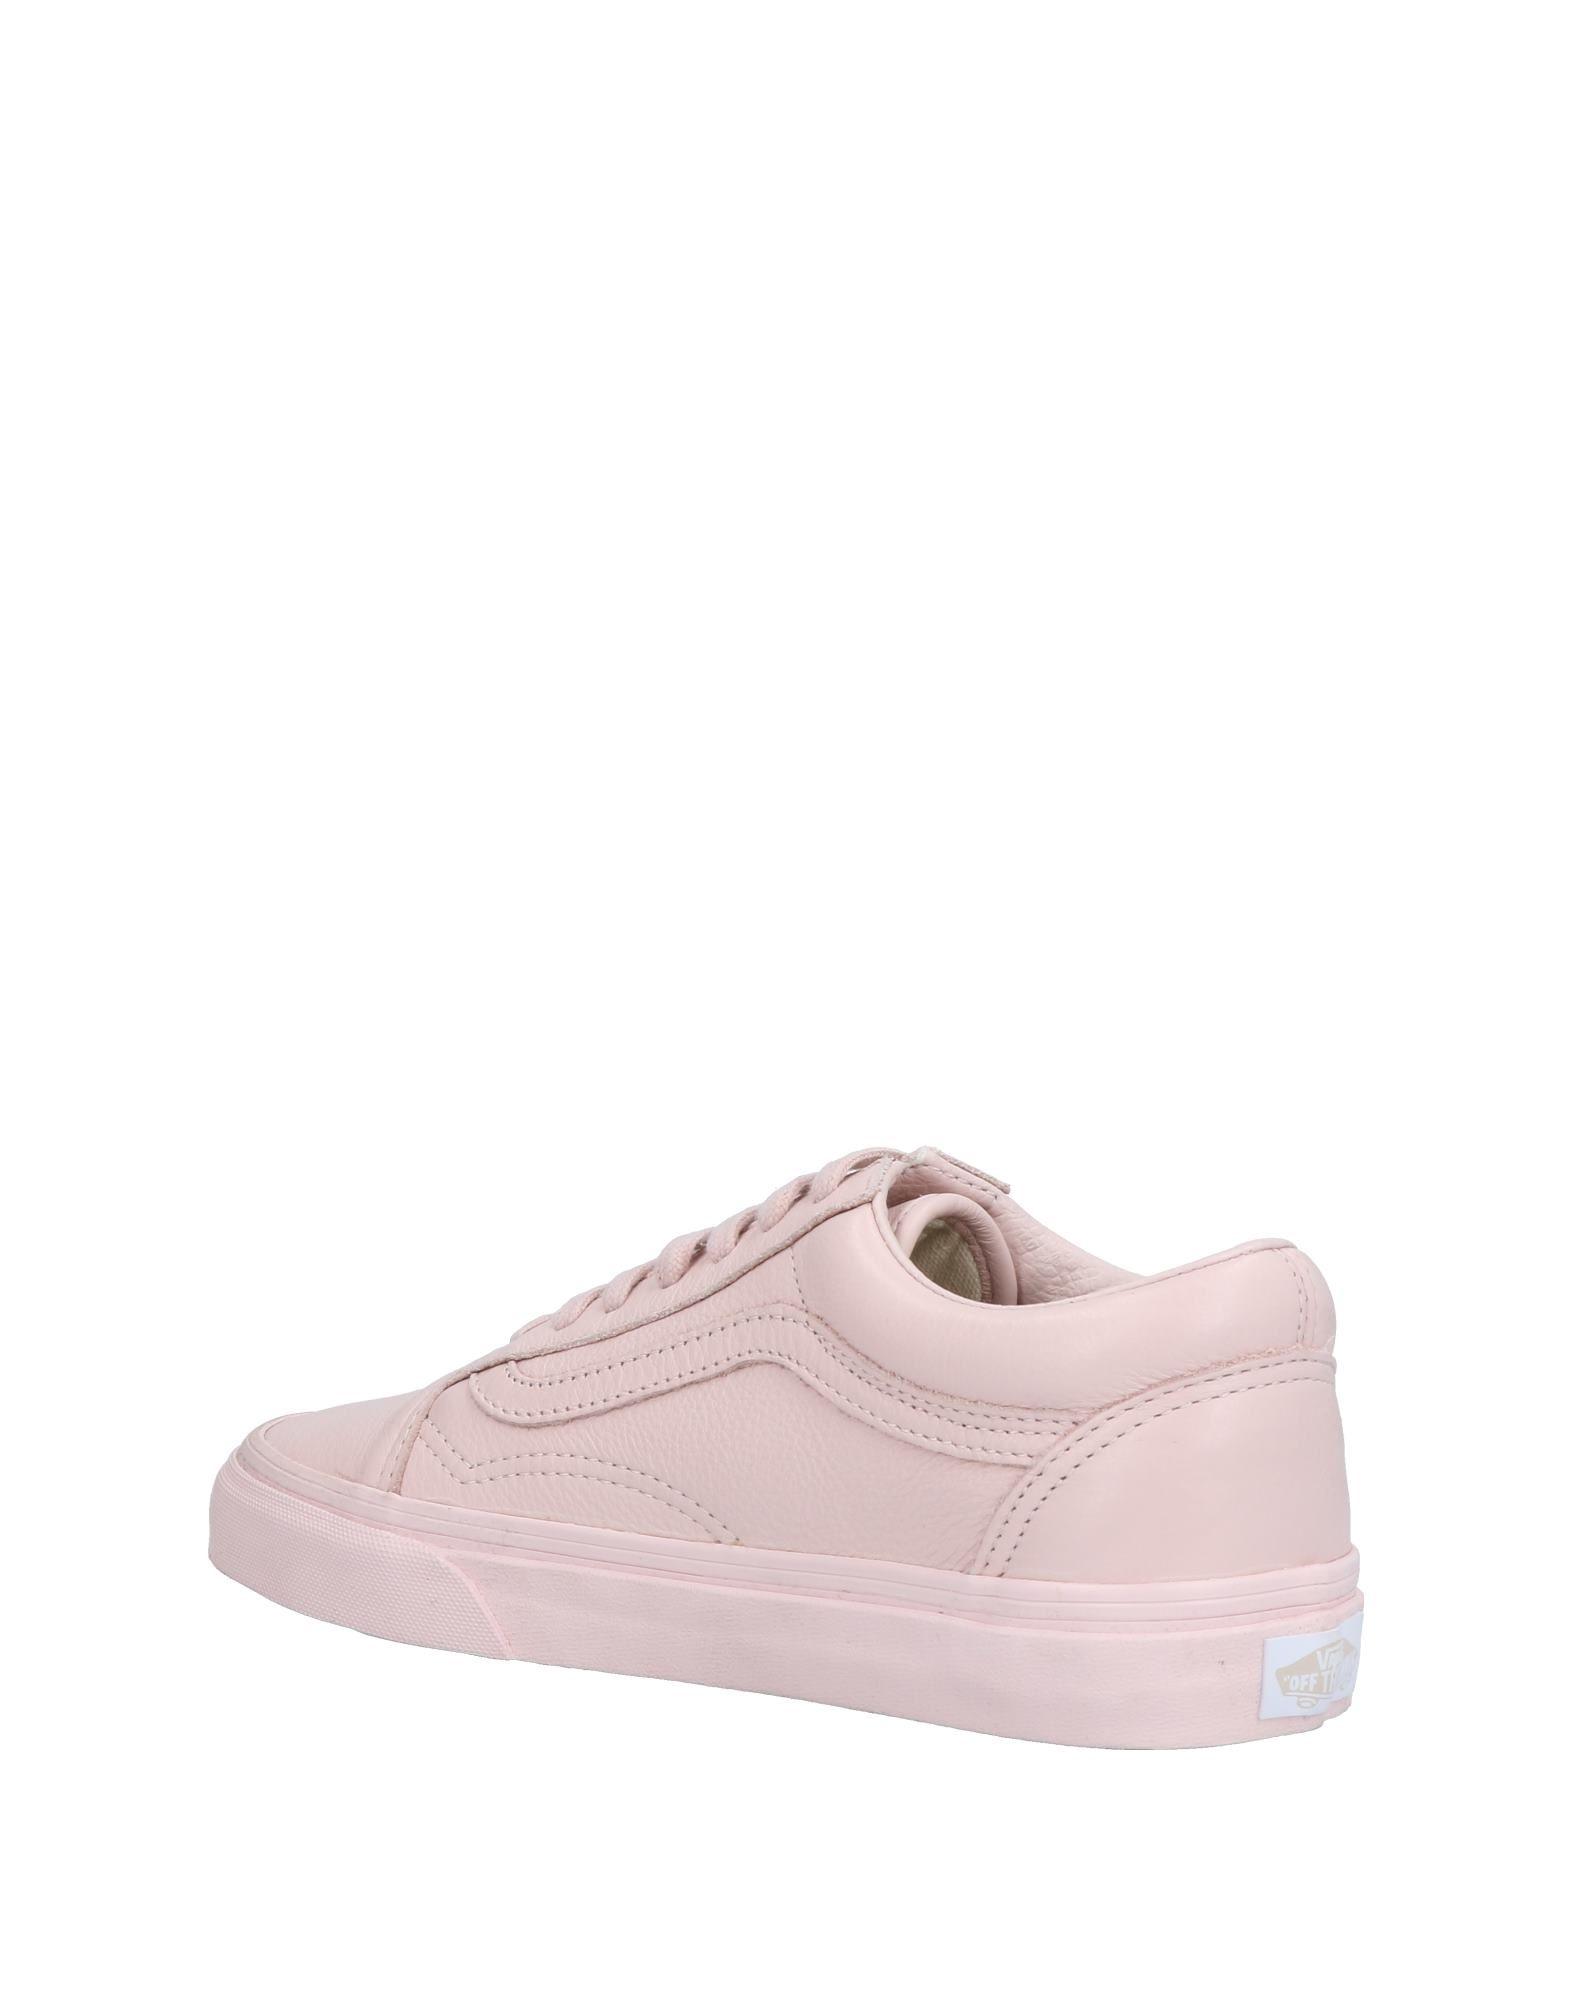 Vans Sneakers Damen   Damen 11493523QV  362f73